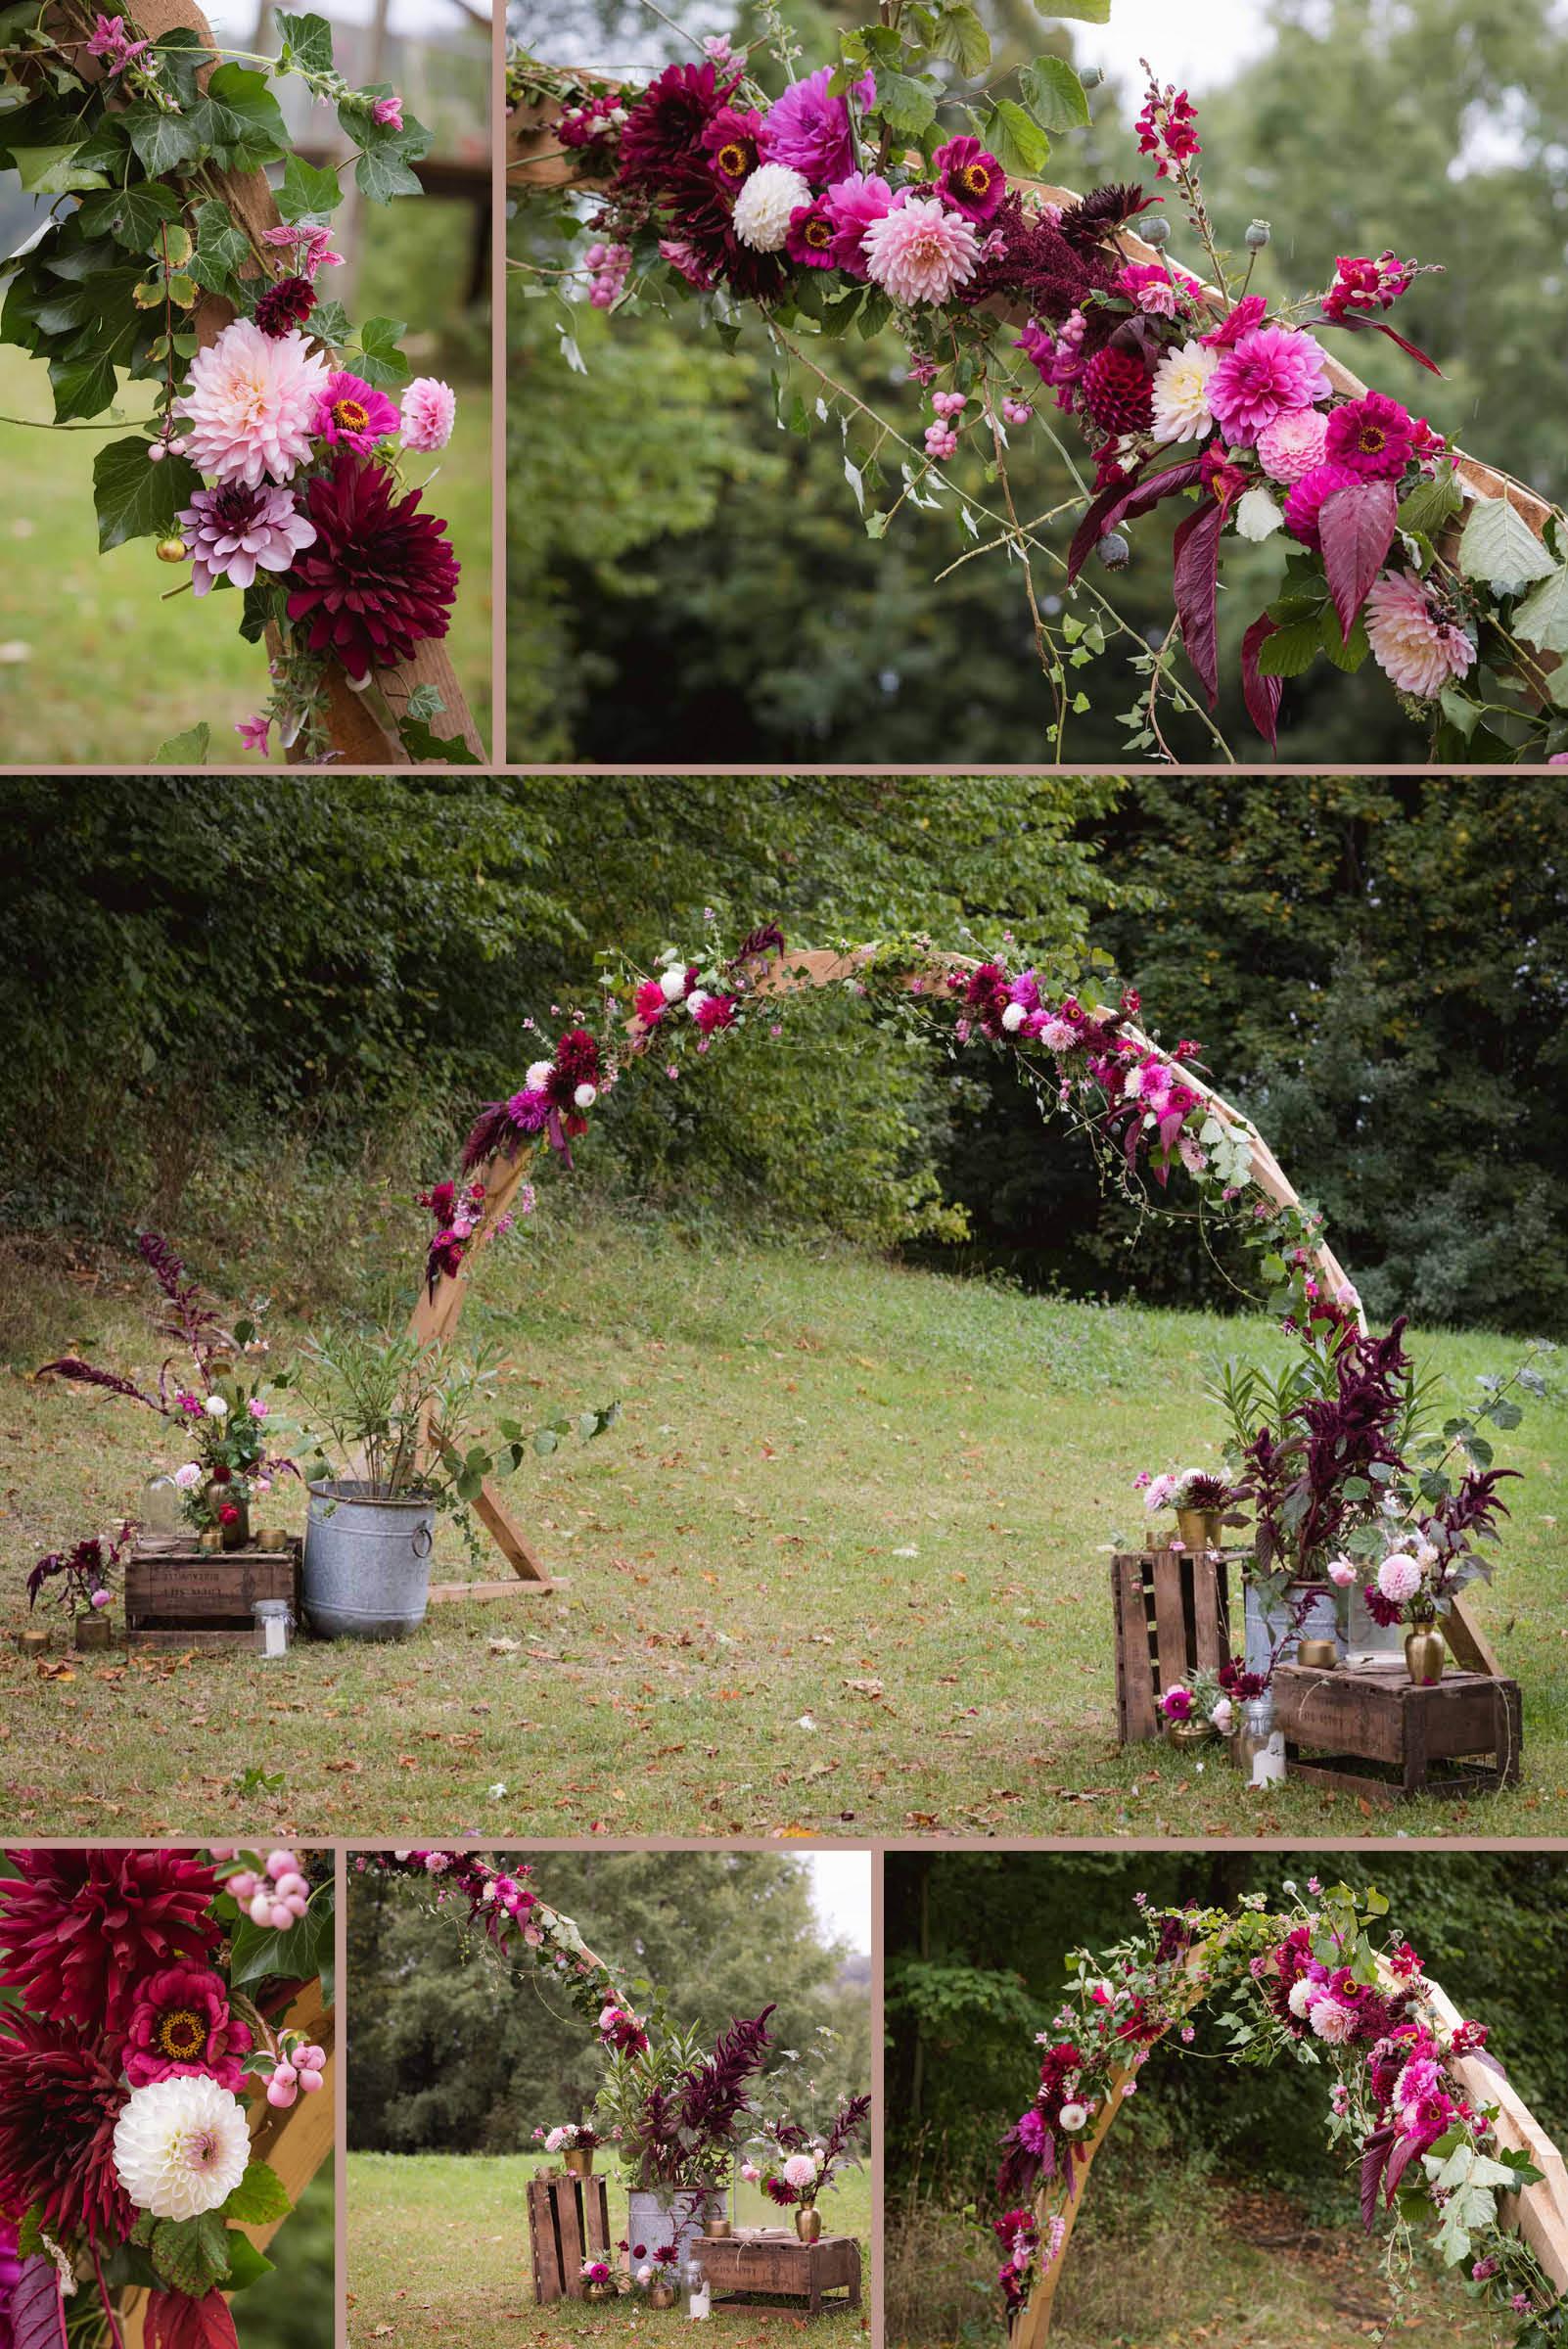 arche fleuries : dahlias, zinnias, pavot, amarante, etc.